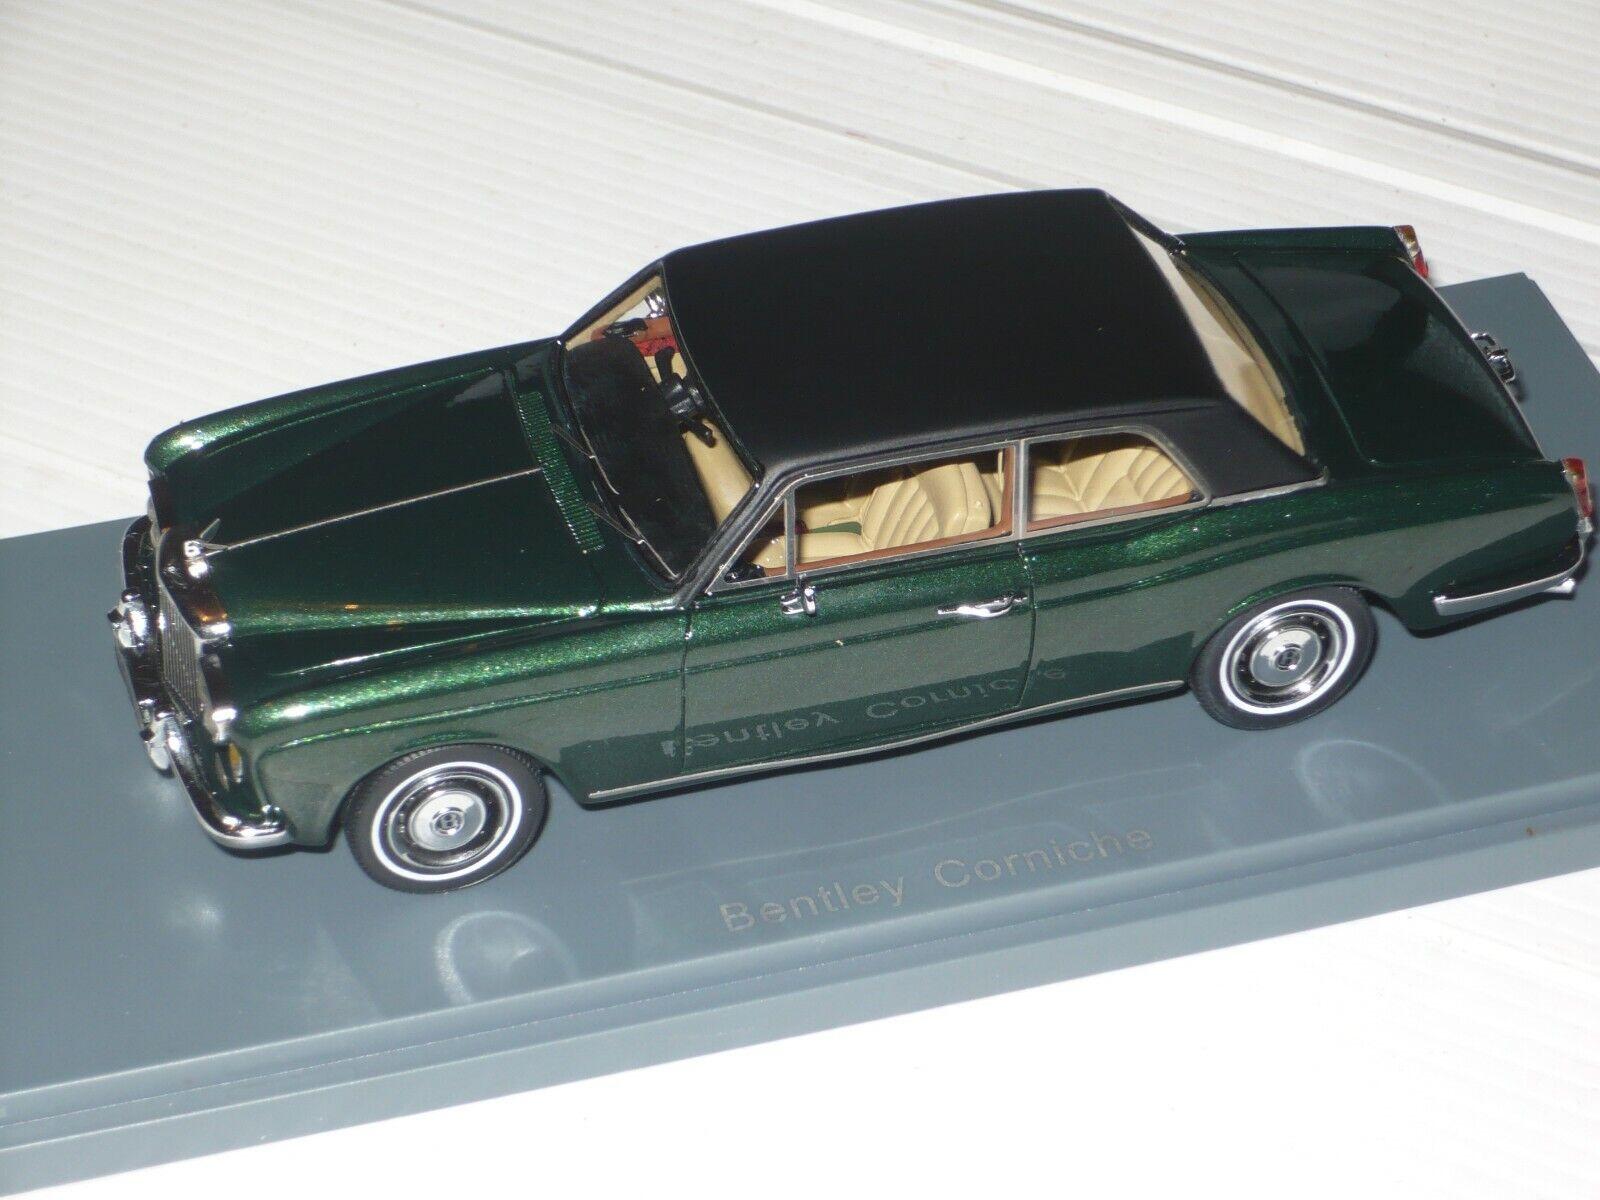 Bentley corniche 1 43 dans sa boite neo